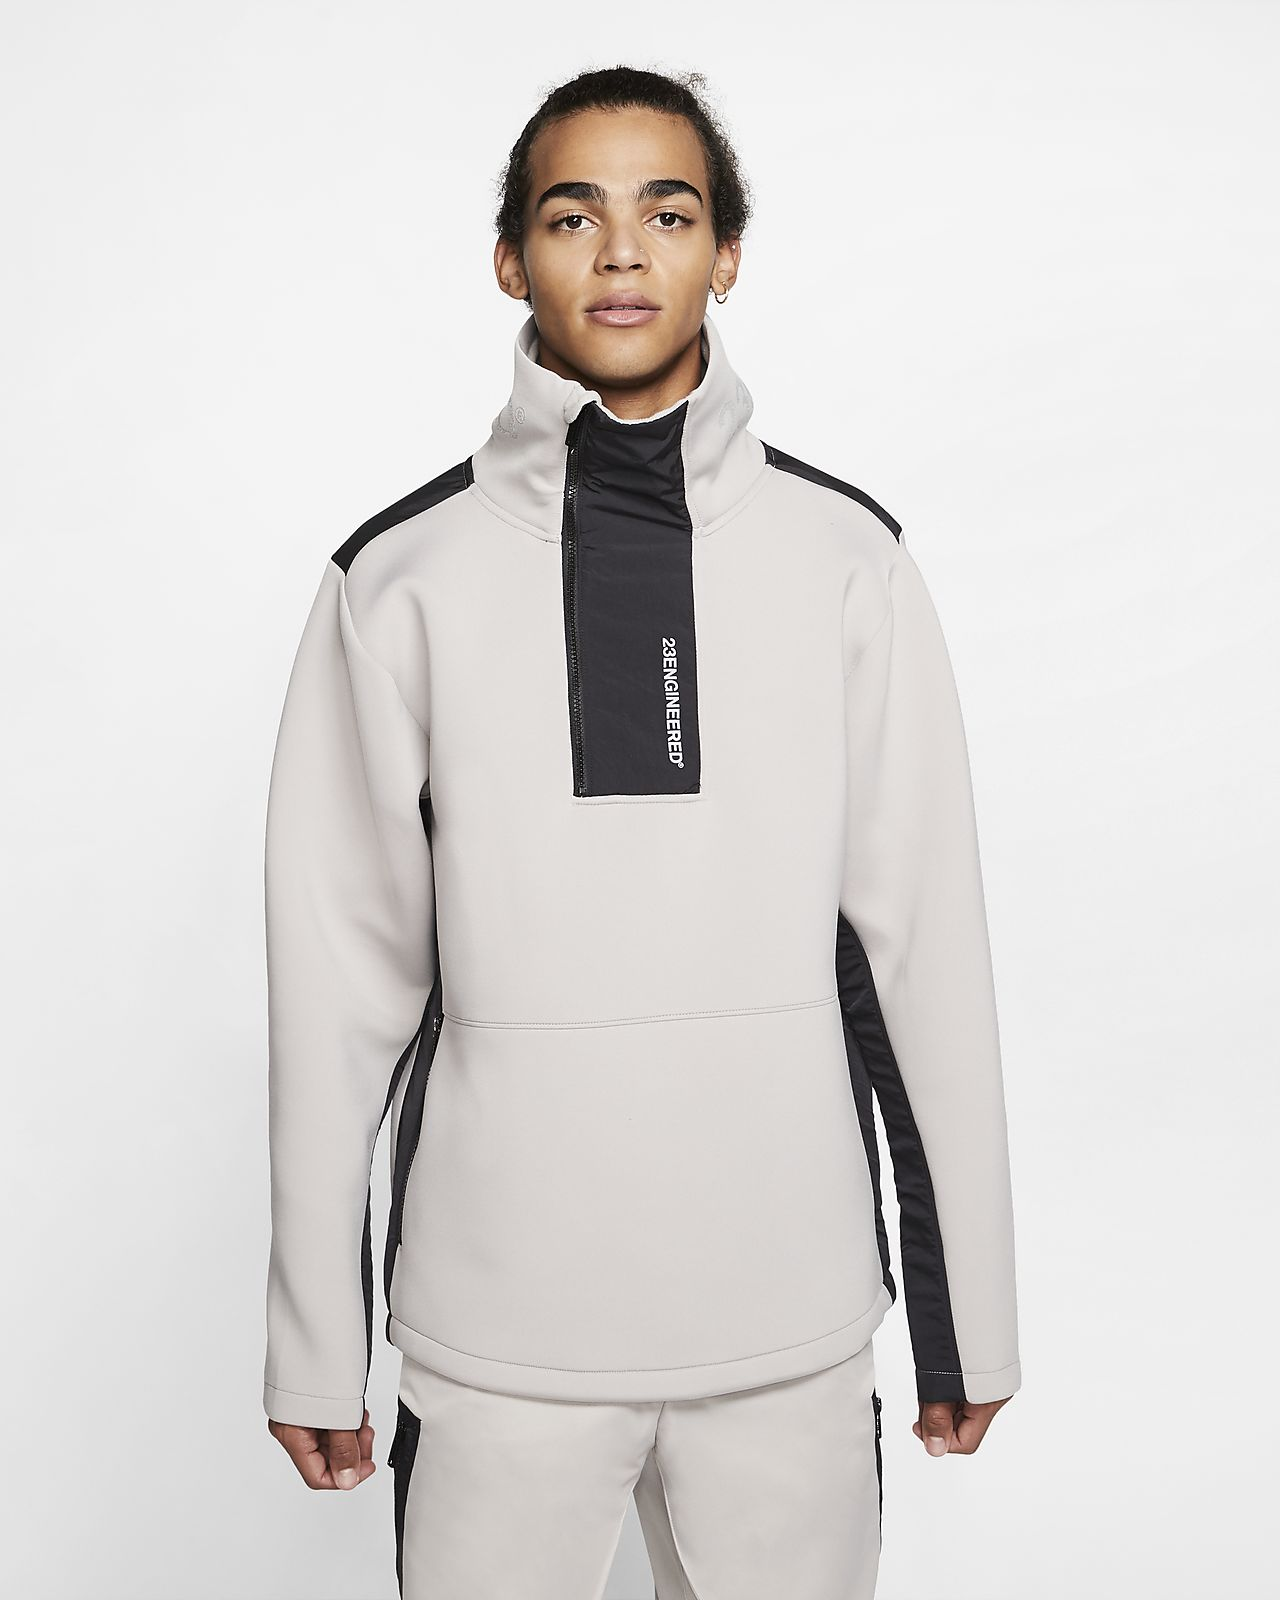 Intacto Lucro jazz  Jordan 23 Engineered Fleece Mock-Neck Sweatshirt. Nike LU